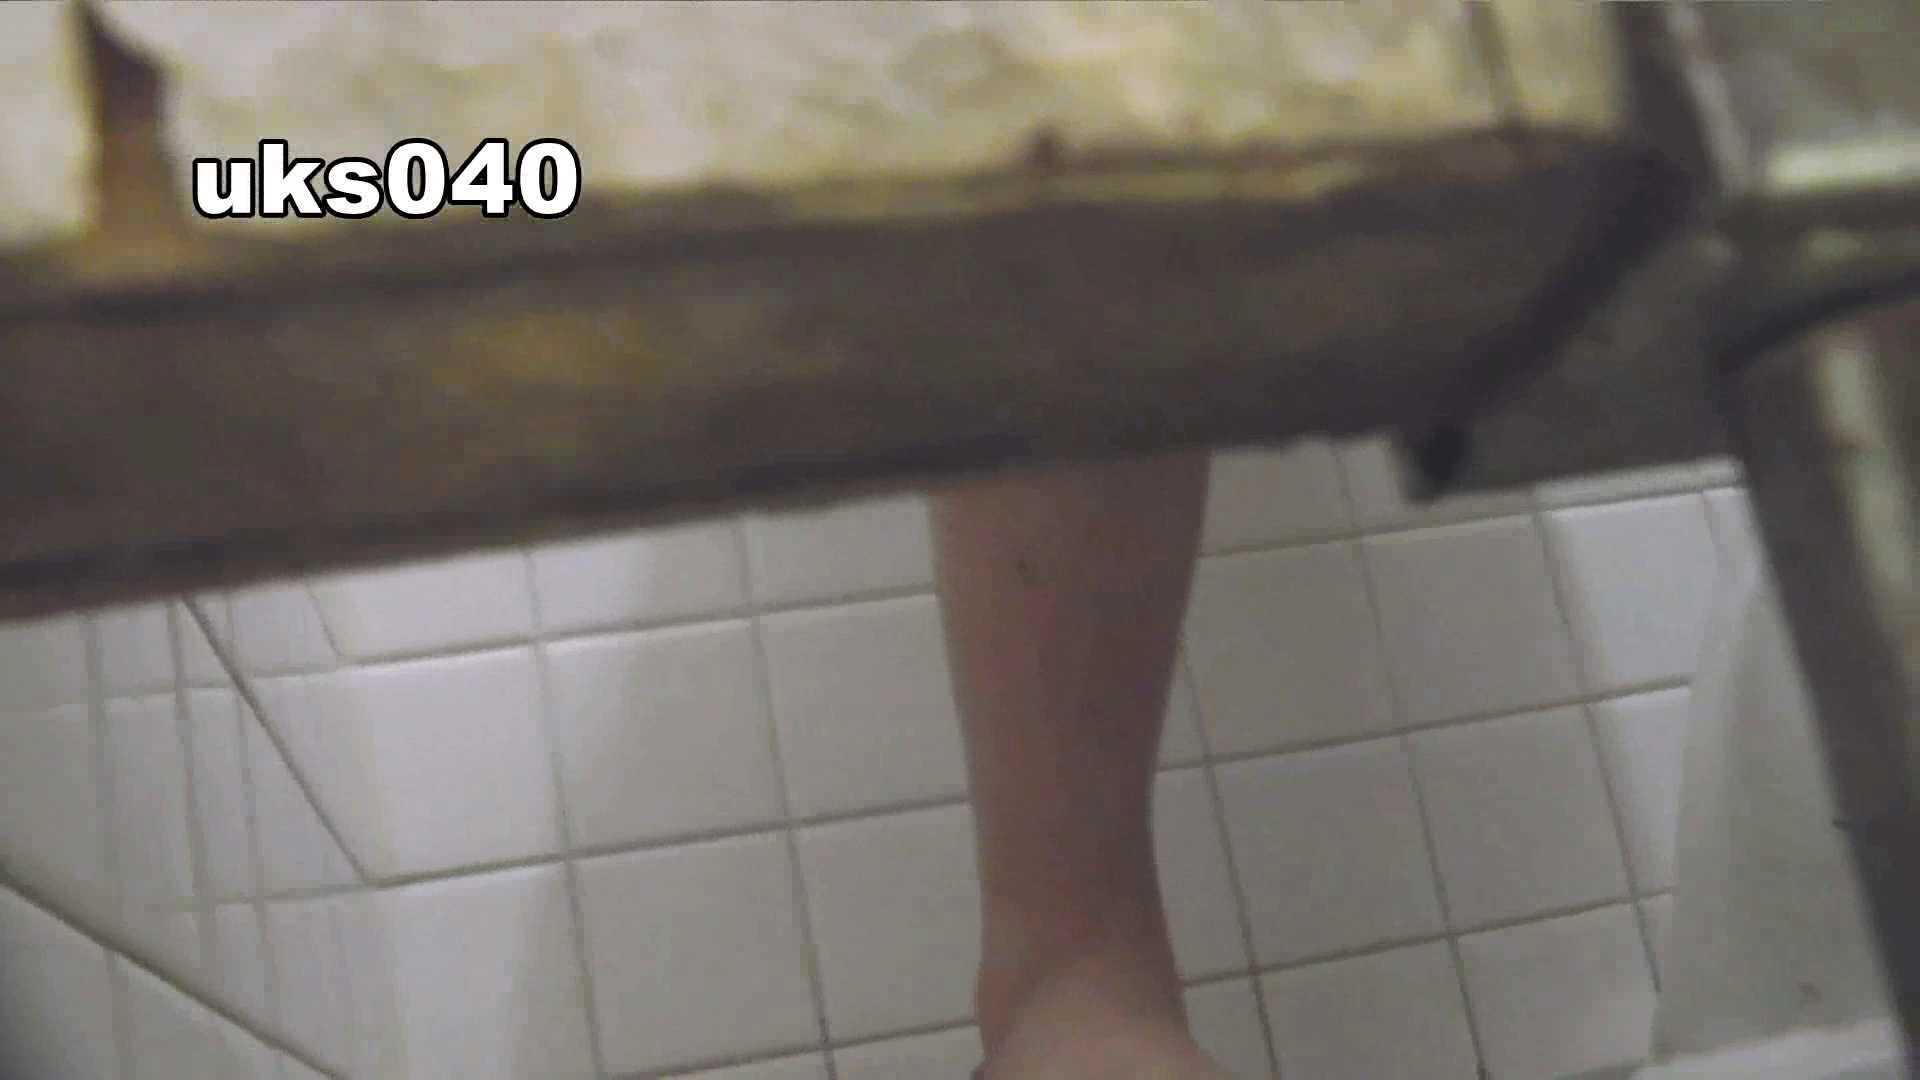 【美しき個室な世界】 vol.040 出て行かれる時の清楚姿撮り 高評価 濡れ場動画紹介 75画像 65